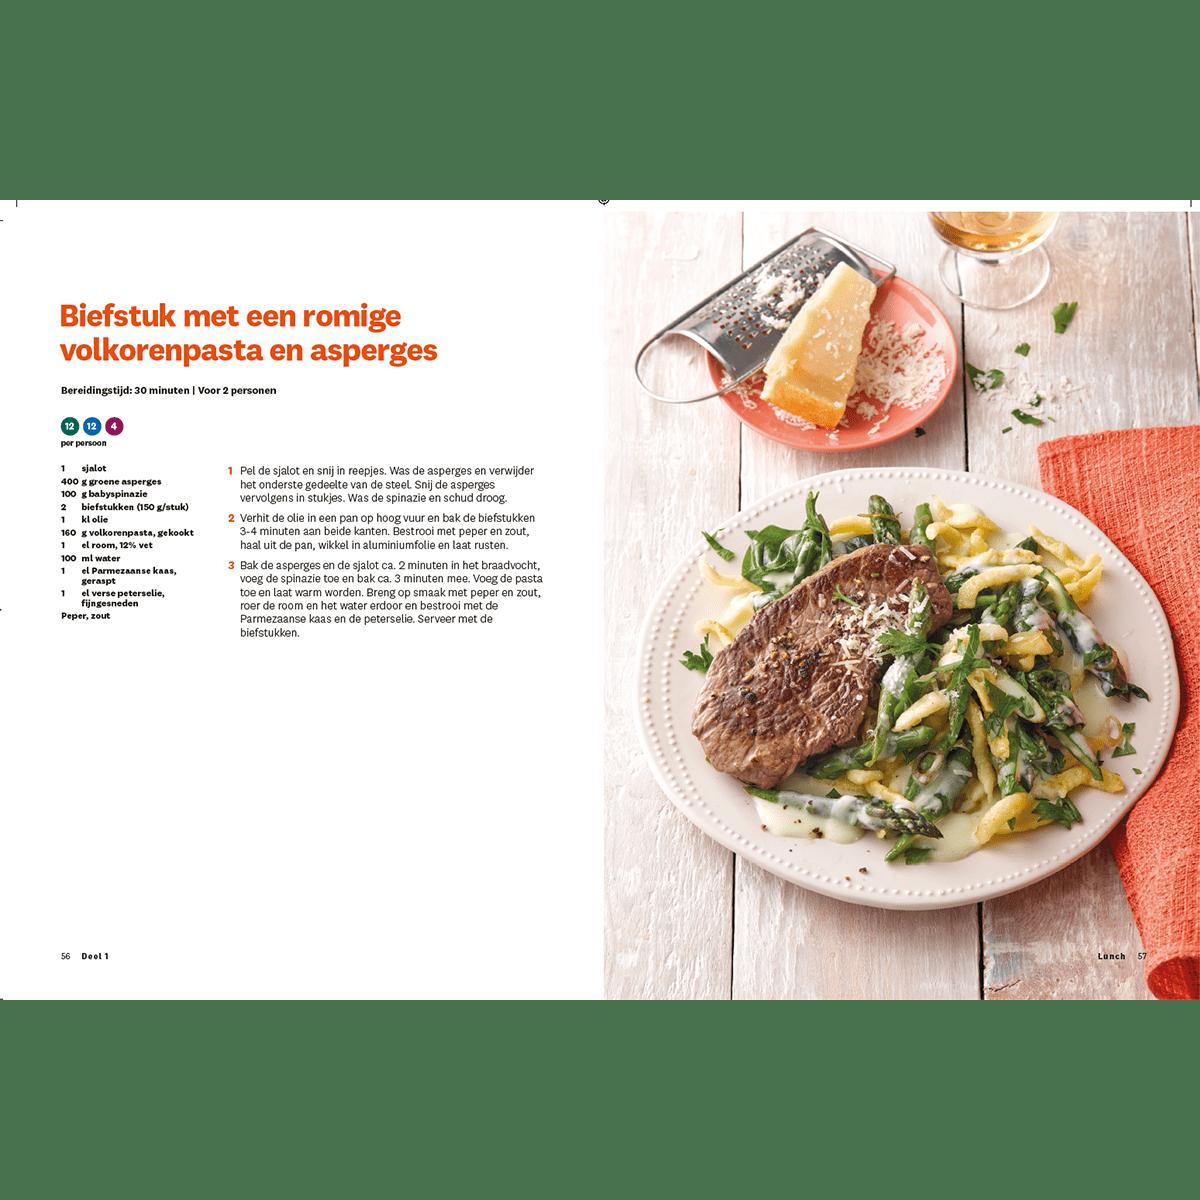 Programmakookboek deel 1 biefstuk met een romige volkorenpasta en asperges